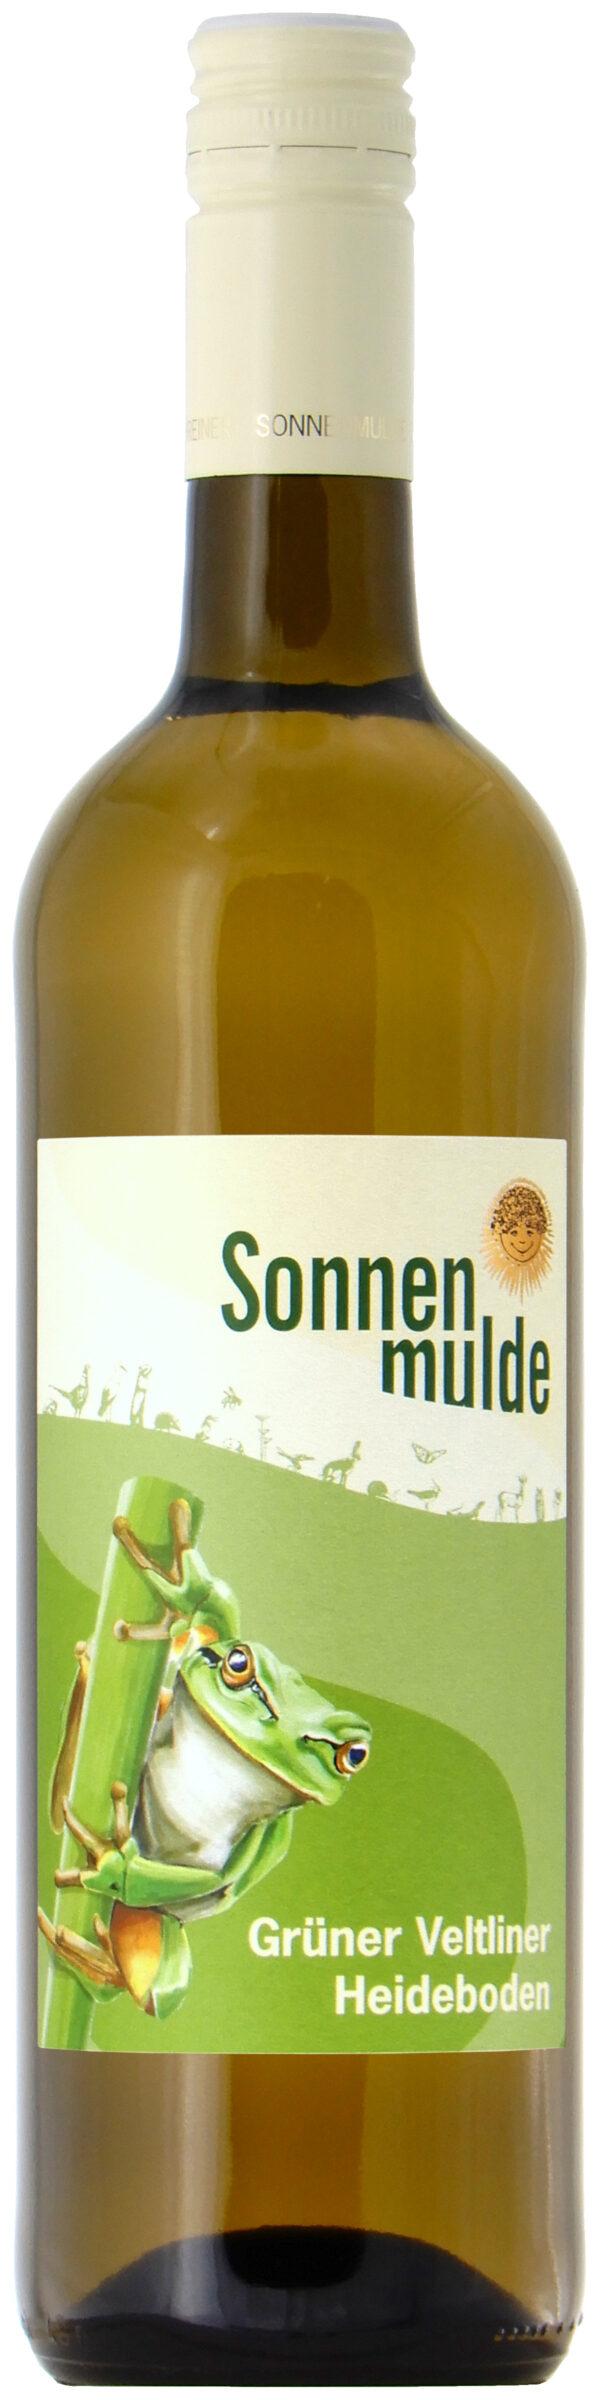 Sonnenmulde Bioweine Grüner Veltliner Heideboden Bio-Qualitätswein trocken 6x0,75l